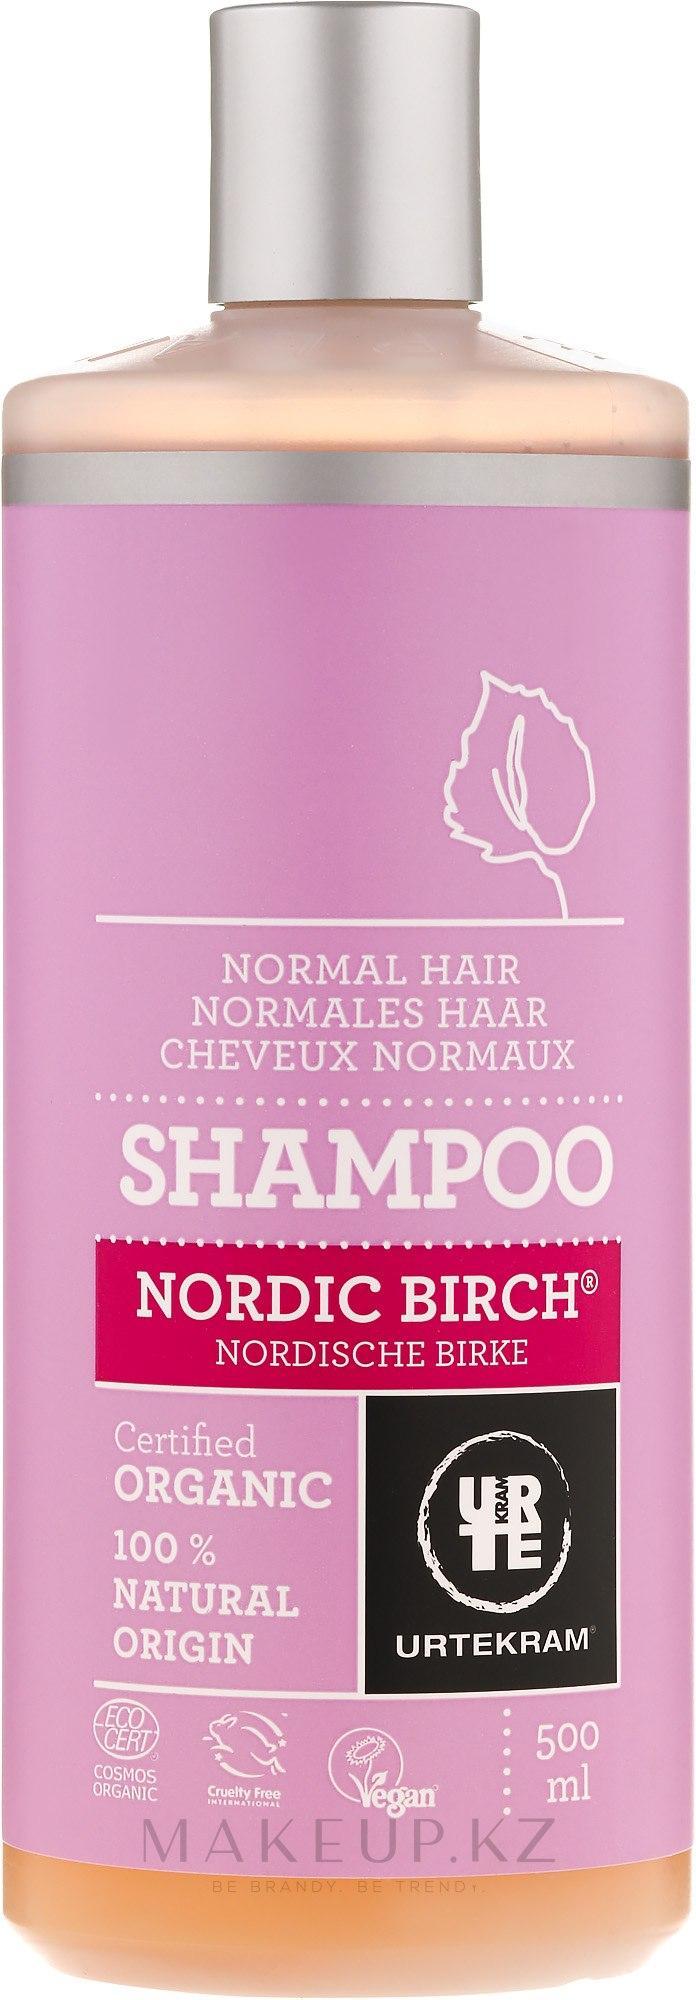 """Шампунь """"Северная береза"""" для нормальных волос - Urtekram Nordic Birch Shampoo Normal Hair — фото 500 ml"""